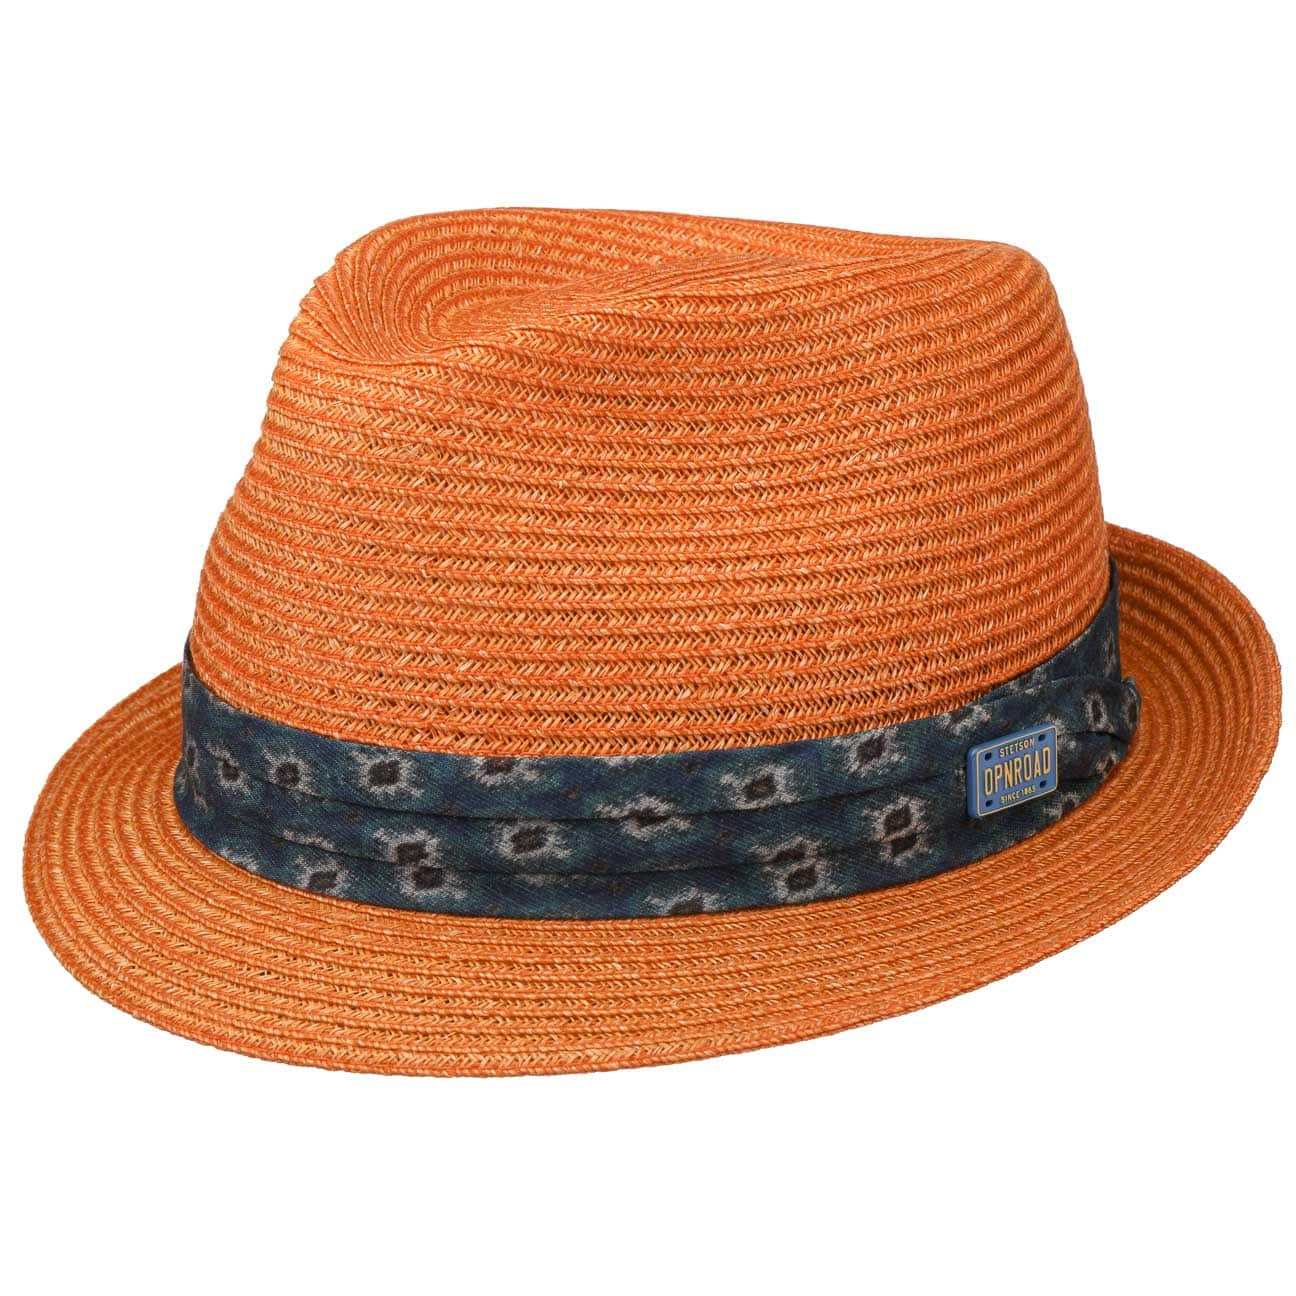 Chapeau en Paille Abaca Trilby by Stetson  chapeau de soleil